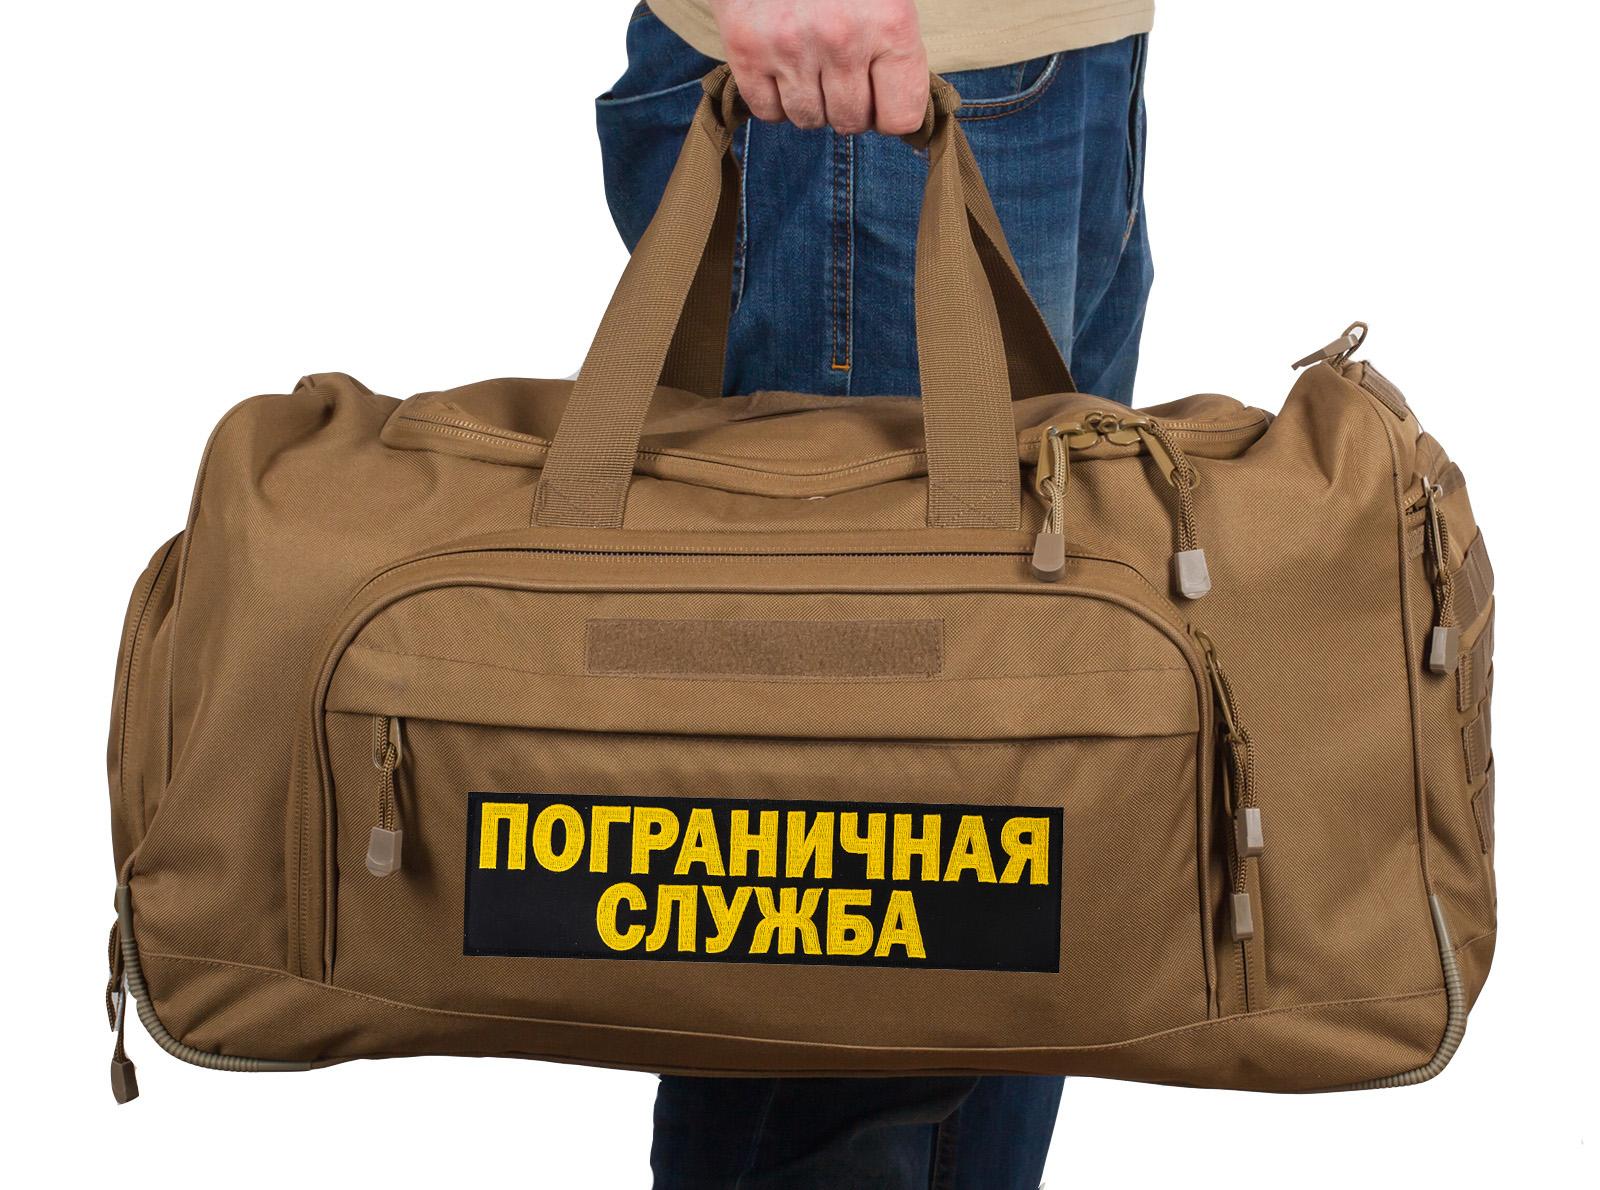 Купить вместительную дорожную сумку ПС 08032B Coyote по лучшей цене